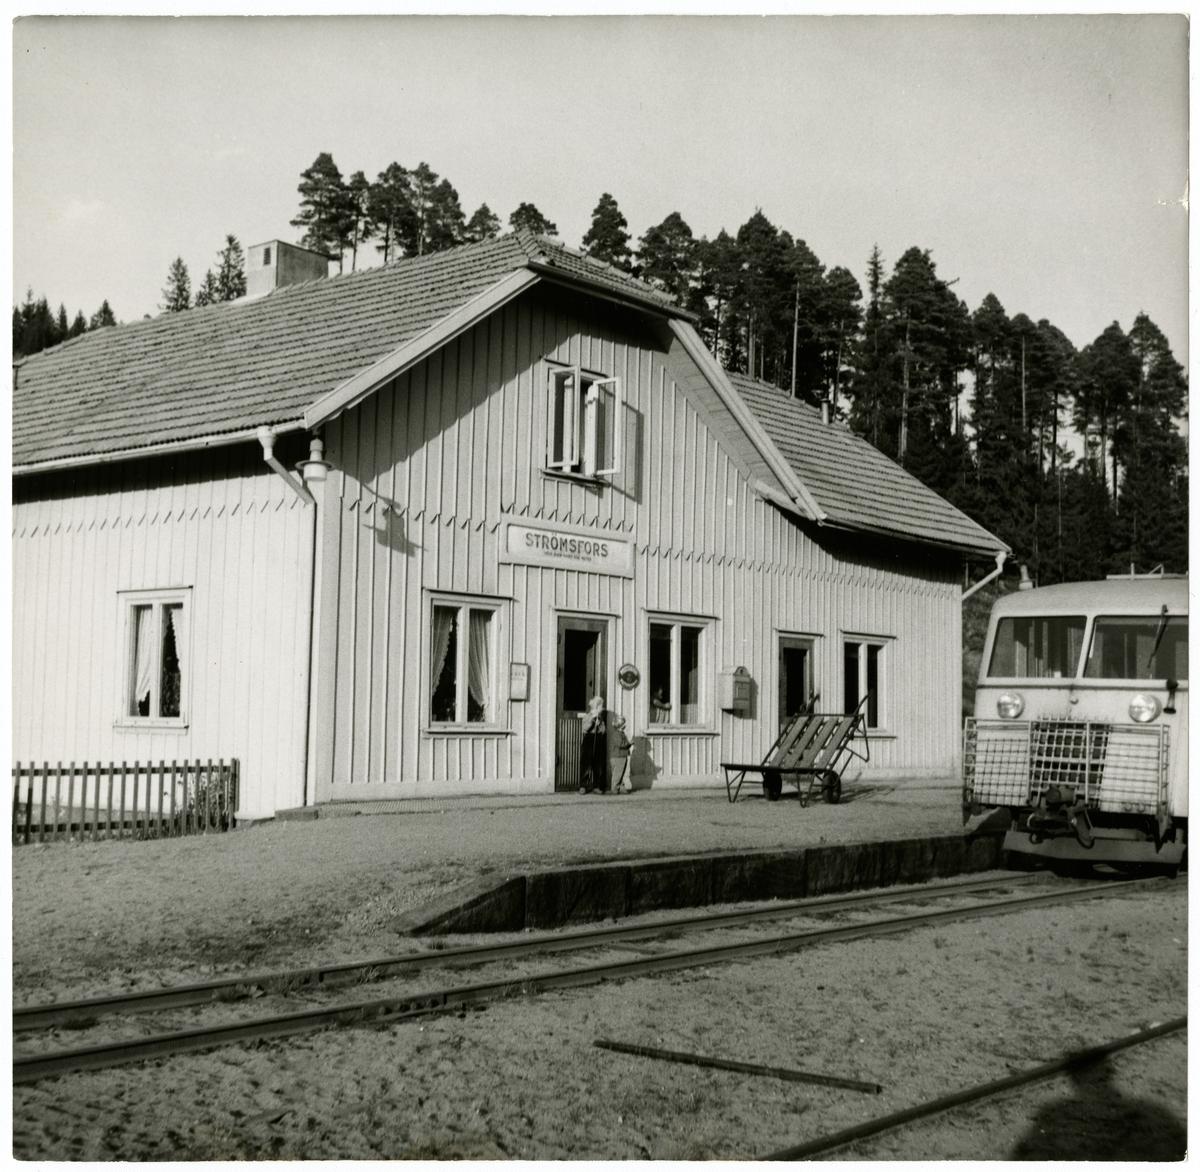 Falkenbergs Järnväg, FJ, Nedlagd av Falkenberg - Limmared. SJ X09 Hilding Carlsson Skrotad 1959.